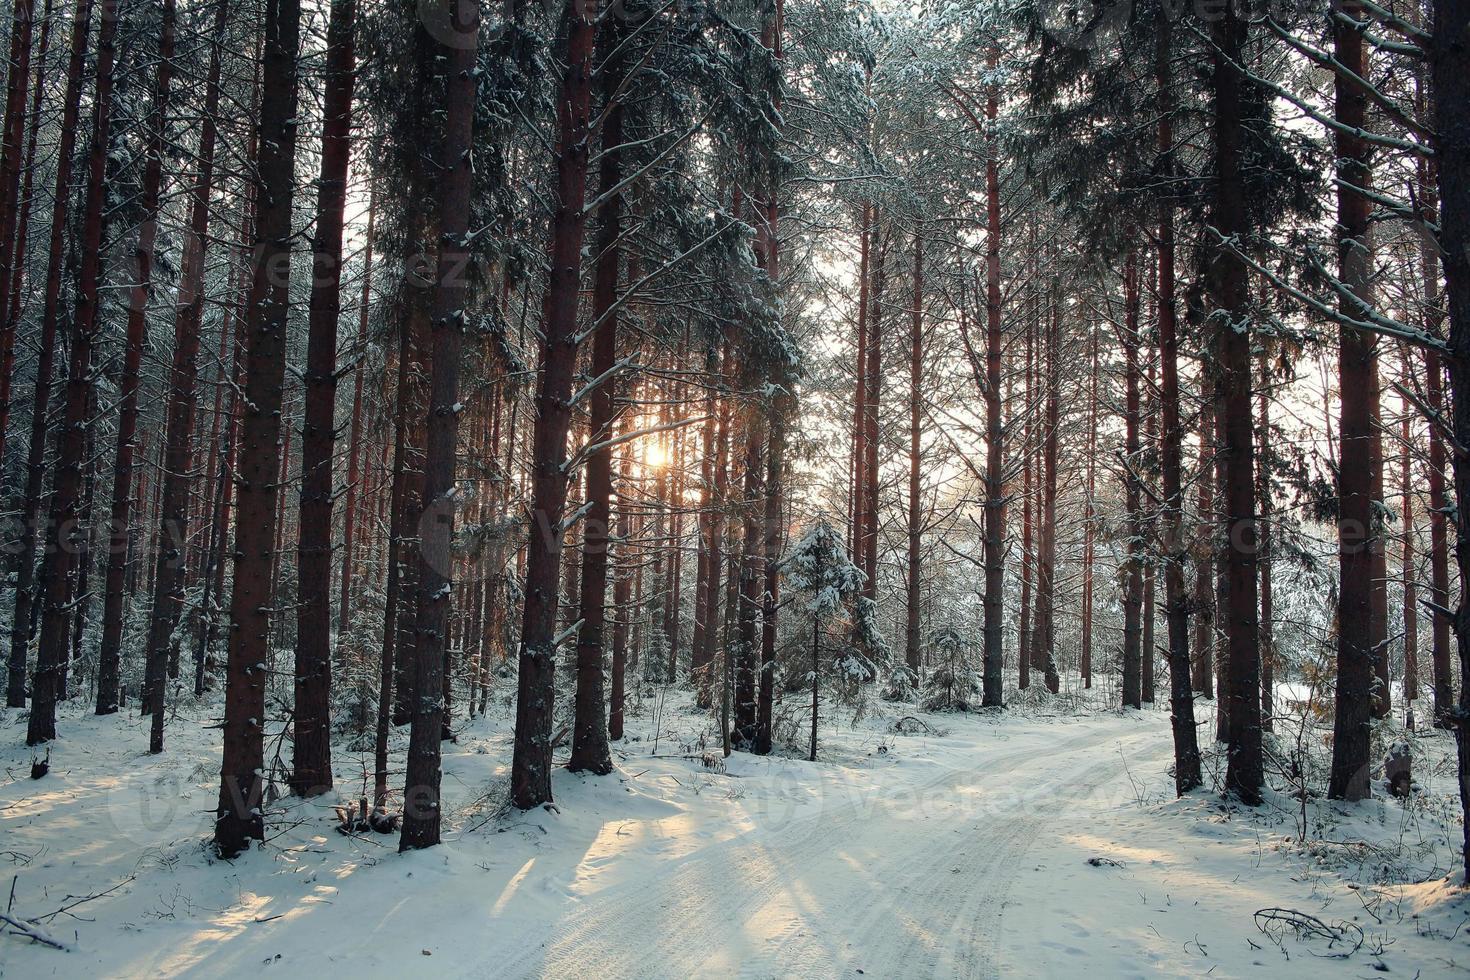 ijzig winterlandschap in besneeuwde bossen foto